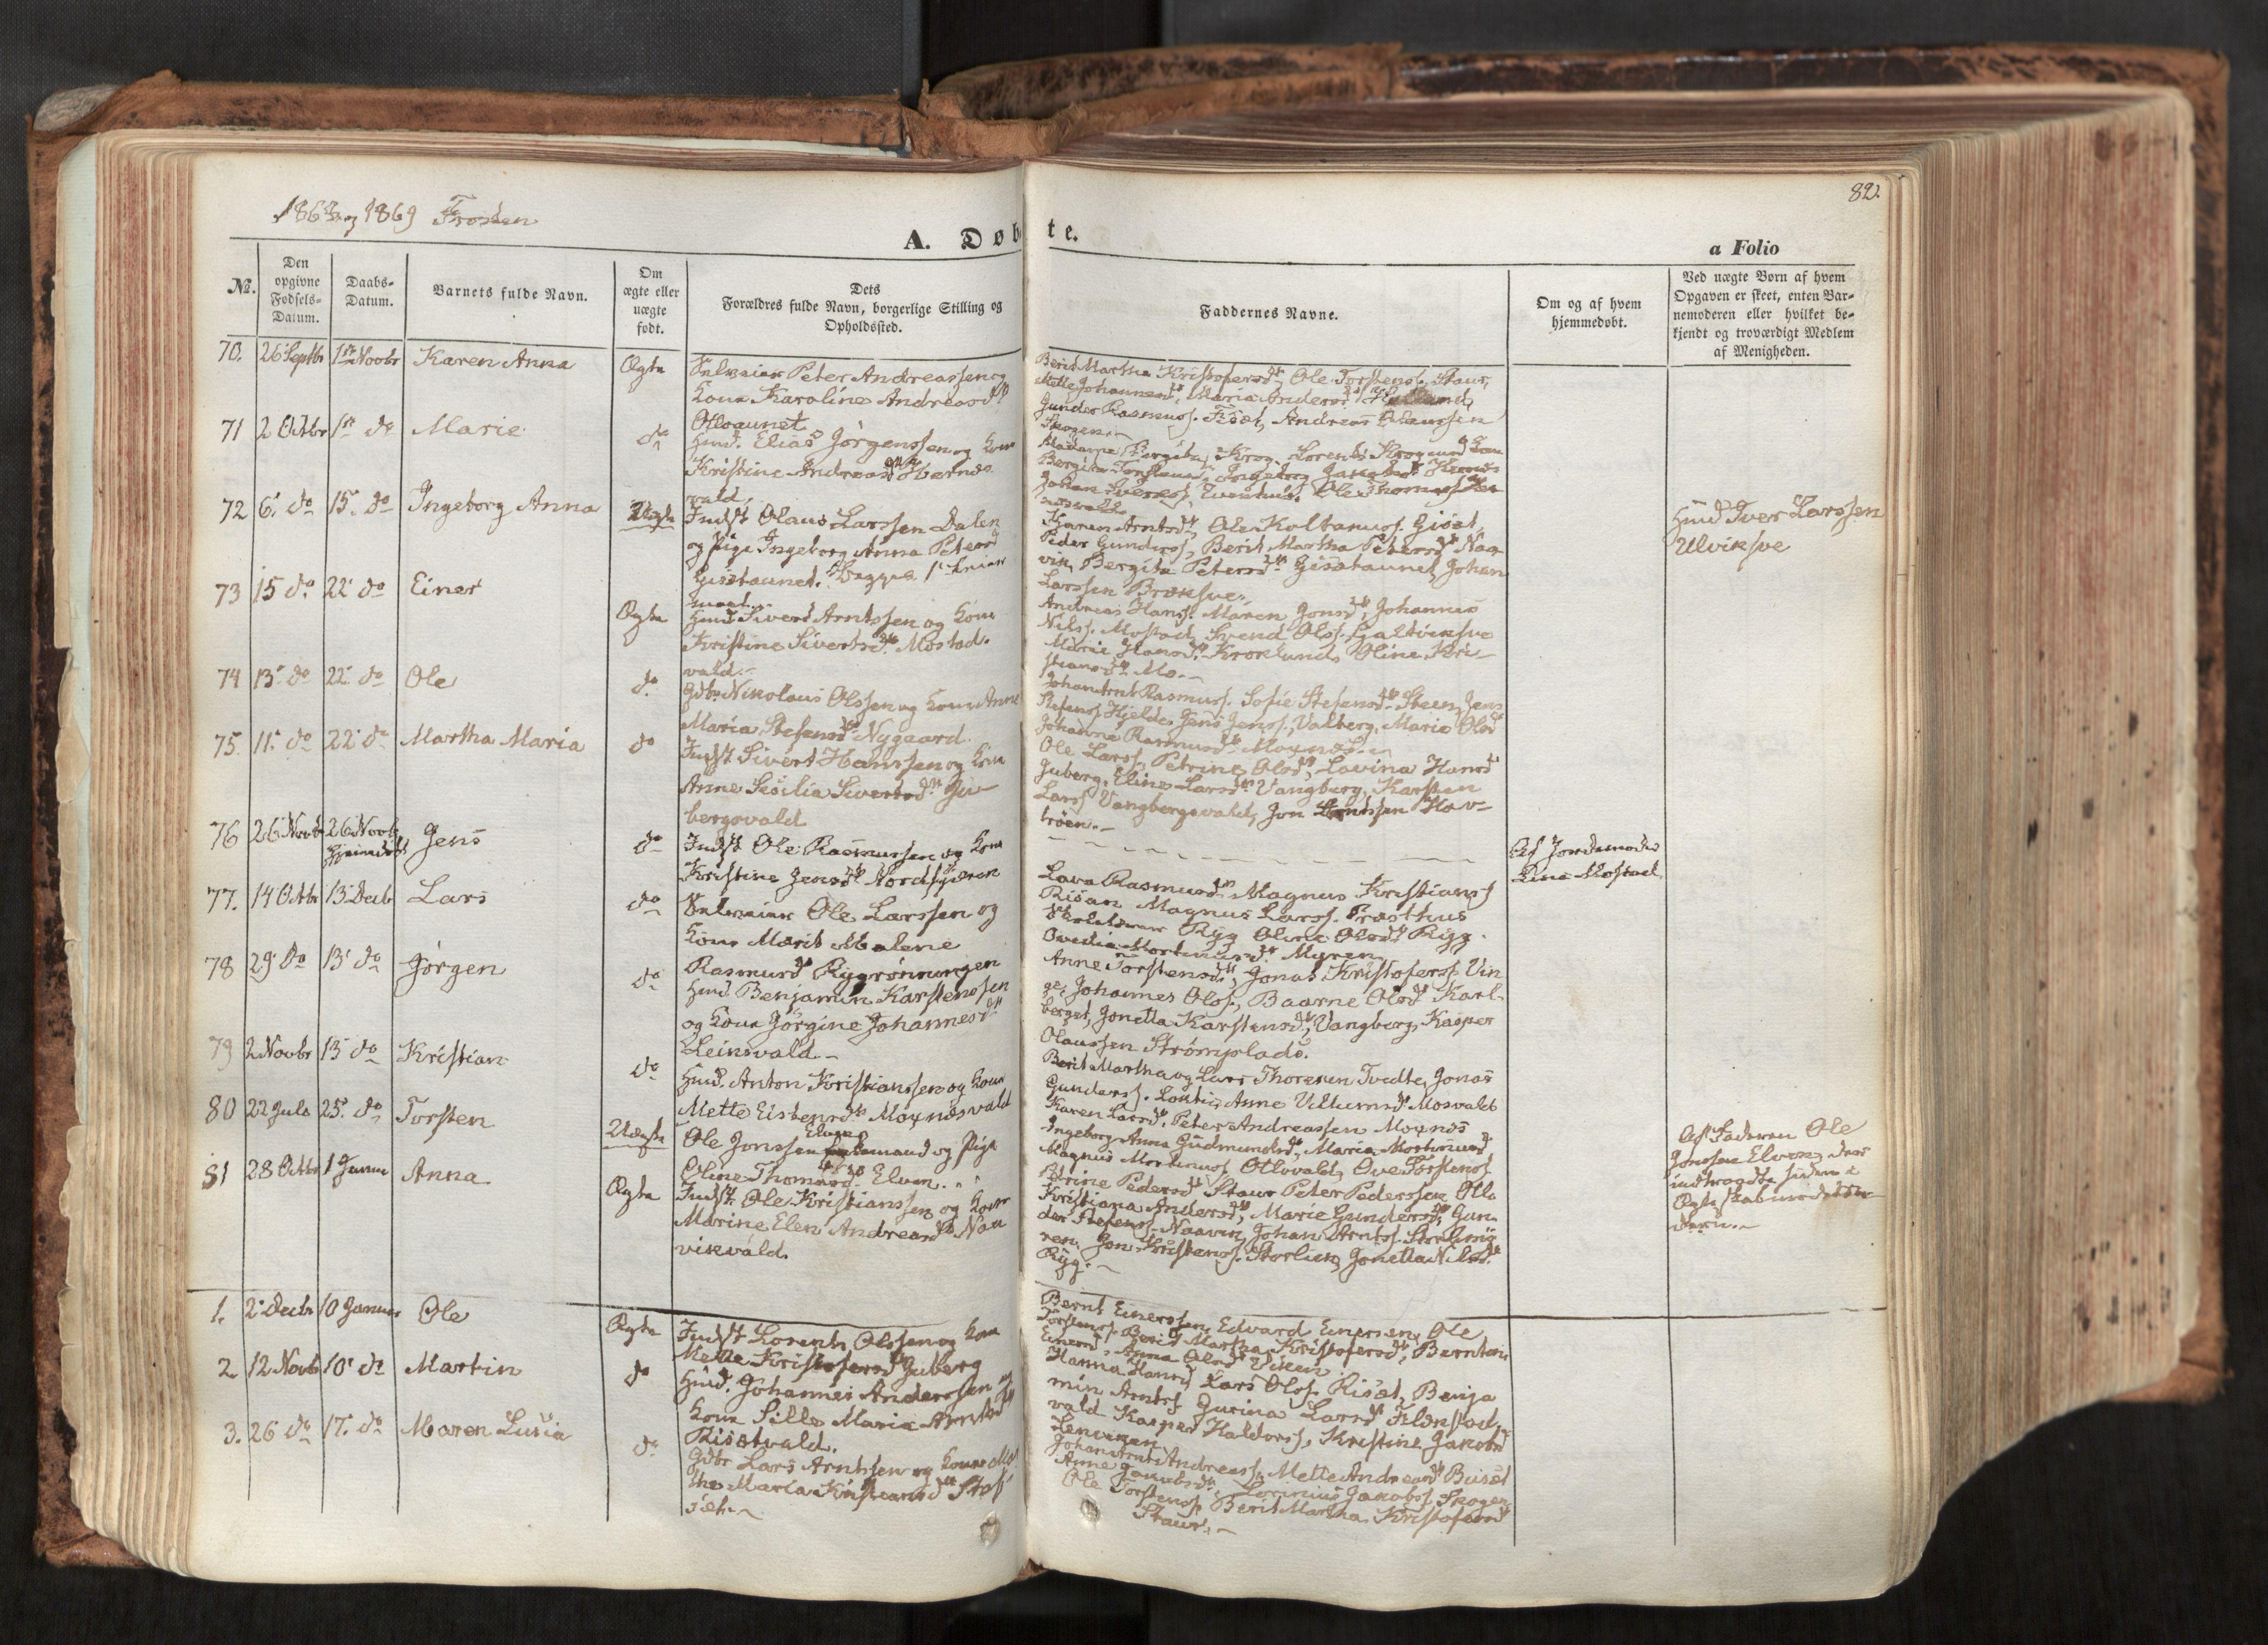 SAT, Ministerialprotokoller, klokkerbøker og fødselsregistre - Nord-Trøndelag, 713/L0116: Ministerialbok nr. 713A07, 1850-1877, s. 82